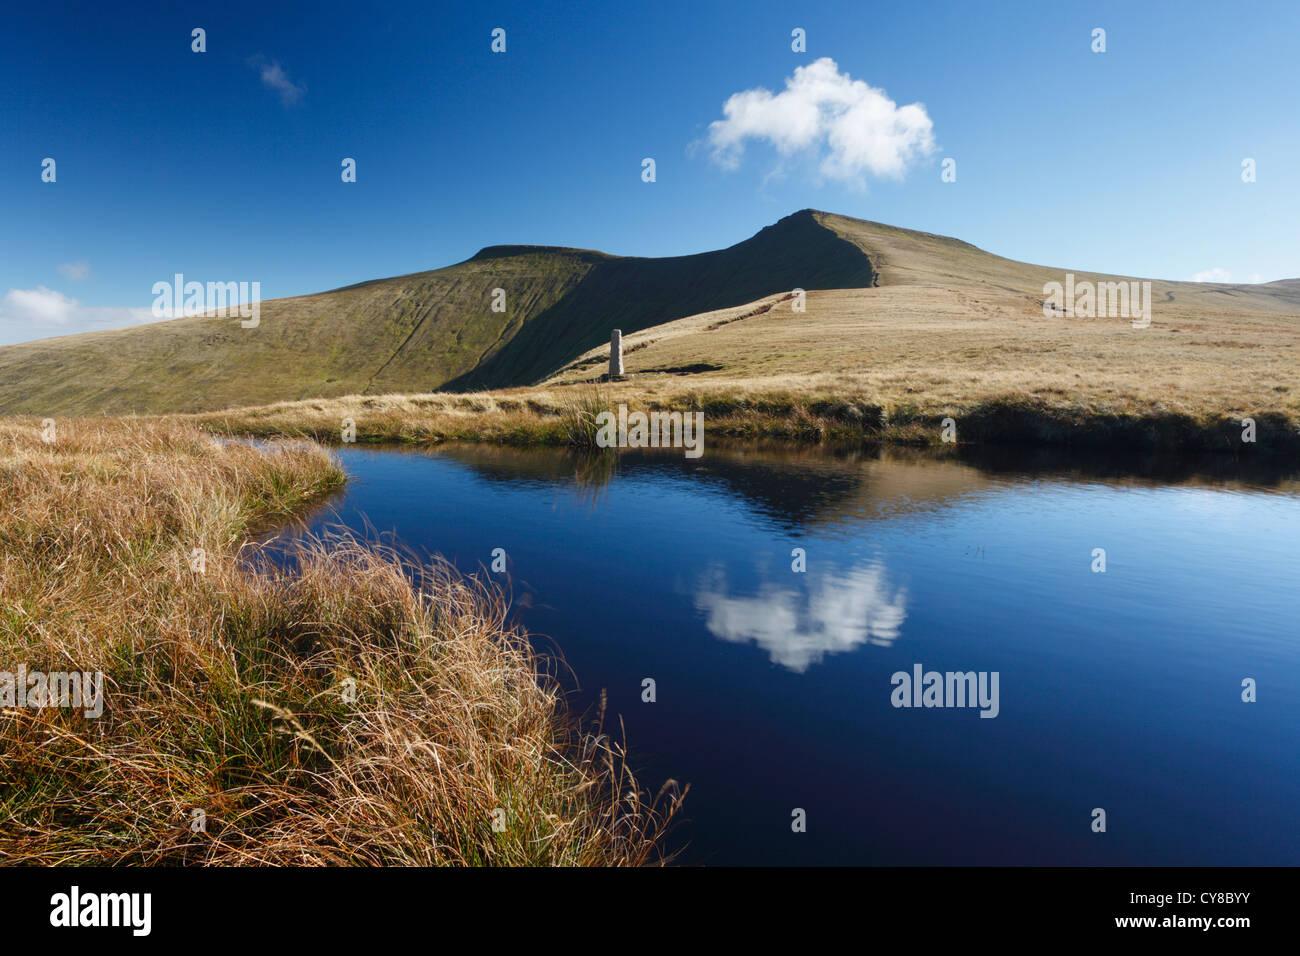 Pen Sie y Fan & Mais Du von in der Nähe von Tommy Jones' Obelisk. Brecon Beacons National Park, Powys, Stockbild